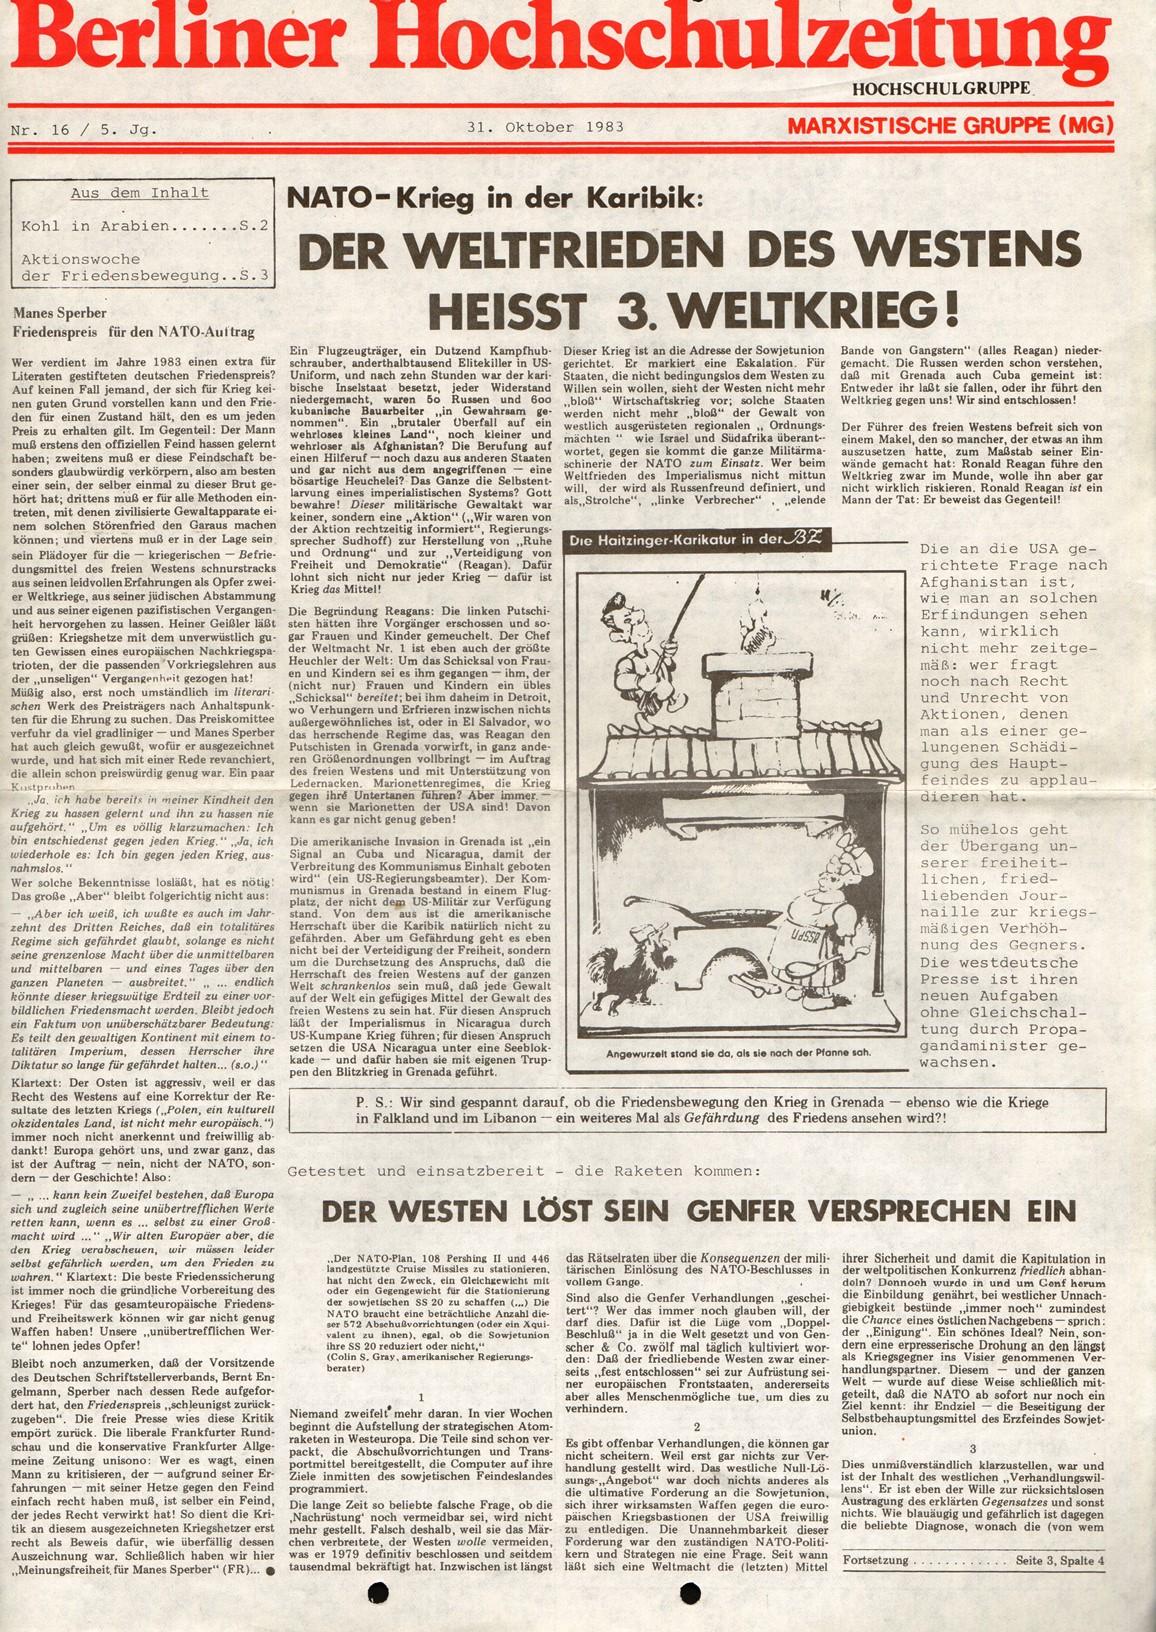 Berlin_MG_Hochschulzeitung_19831031_01